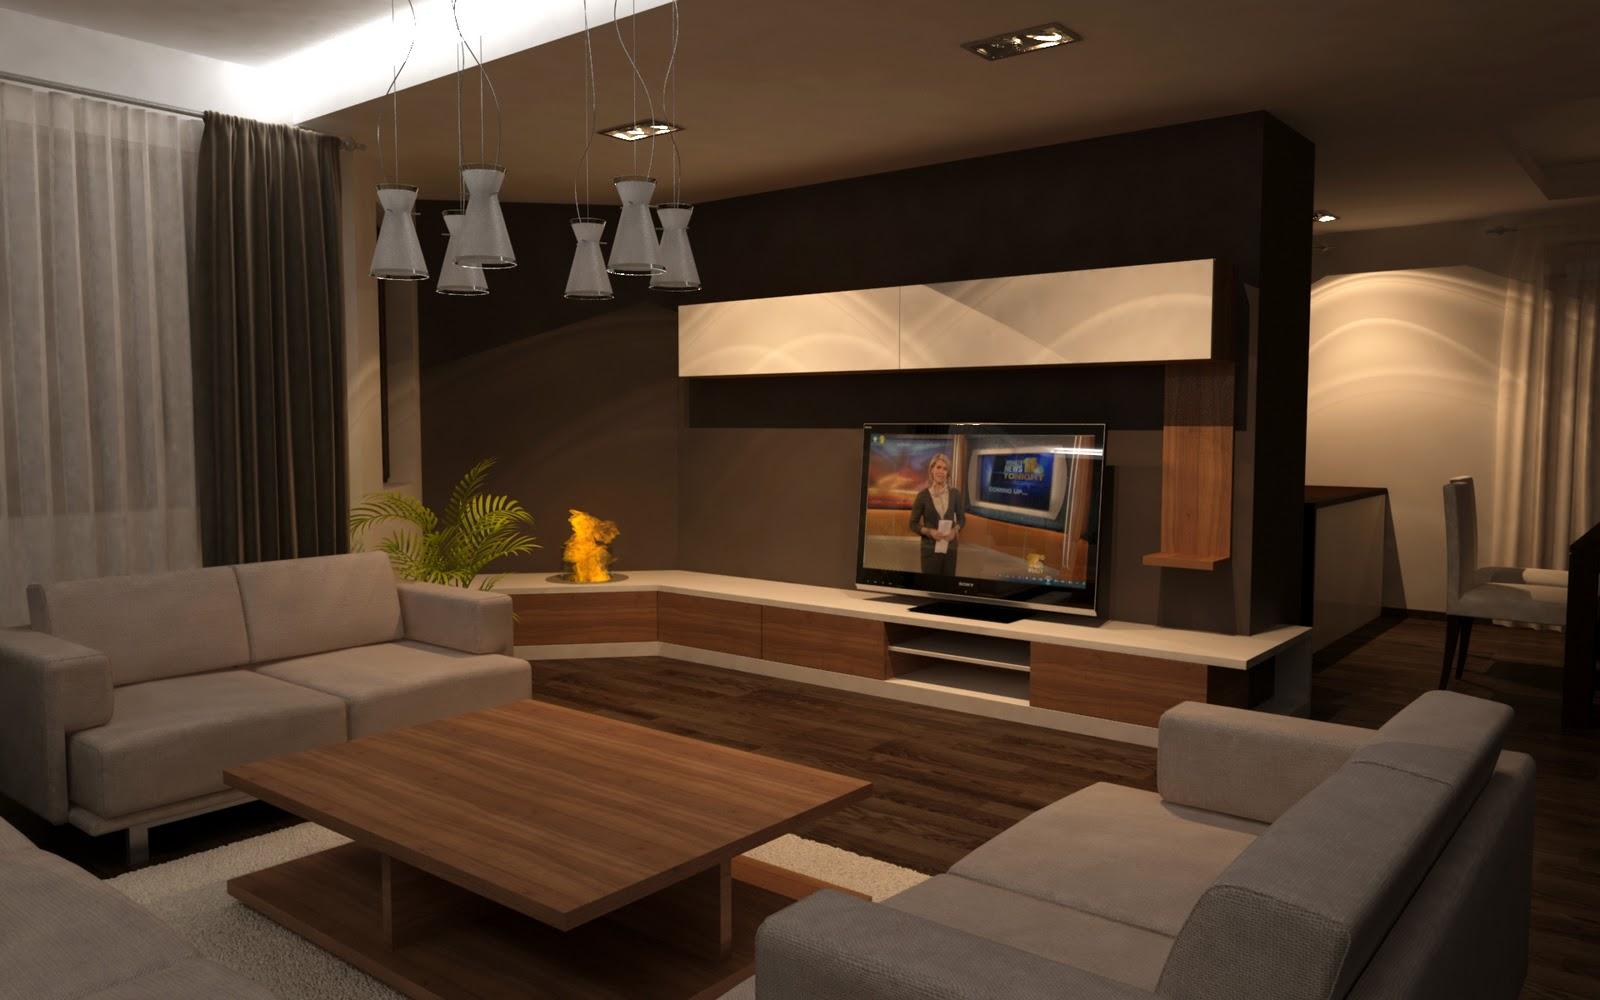 Living room mobilierul are integrat un semineu cu bio etanol